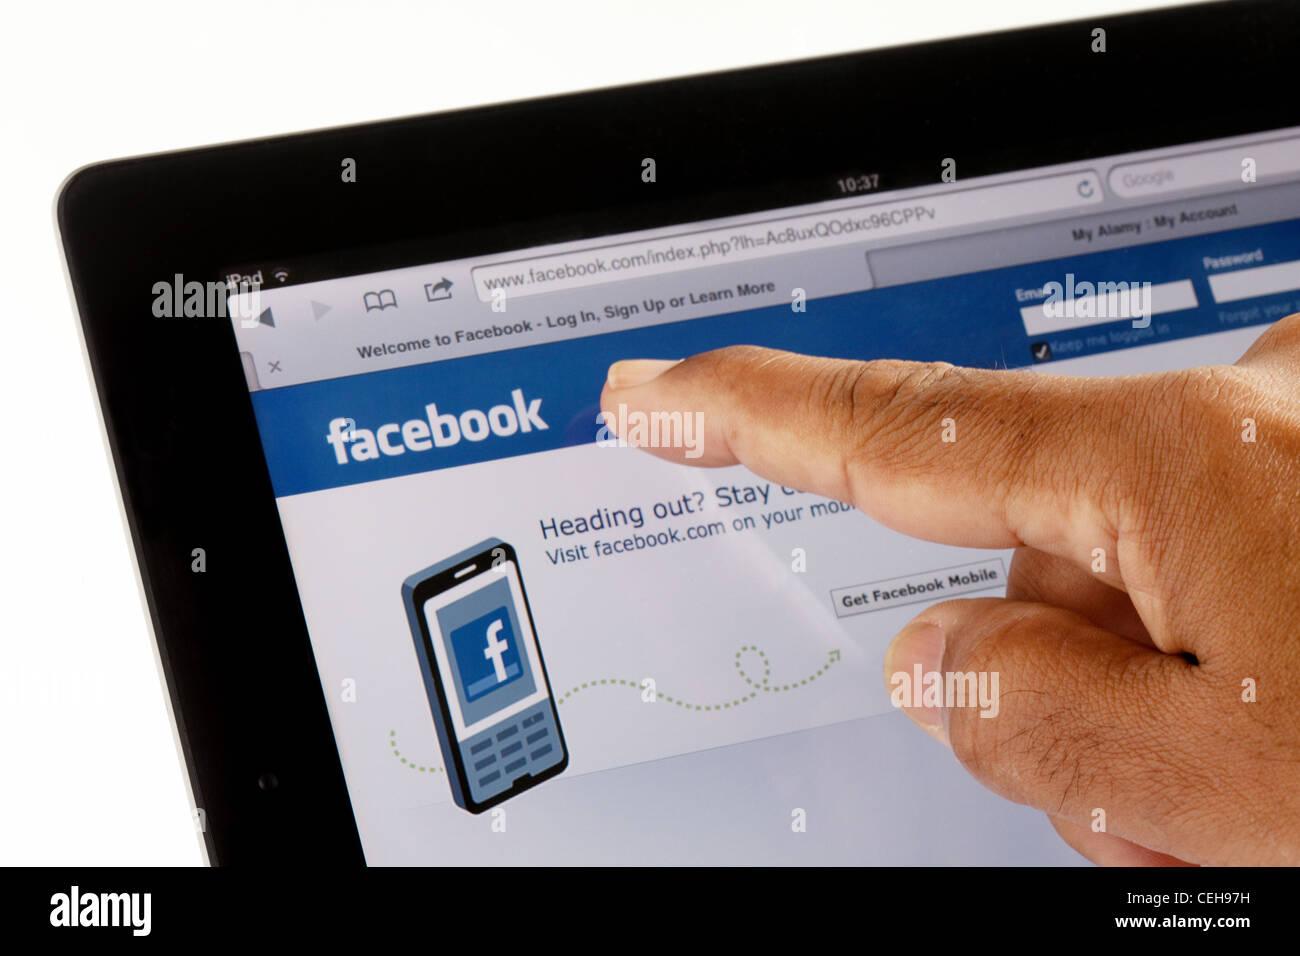 Sitio facebook en Apple iPad2 y señalar con el dedo Imagen De Stock